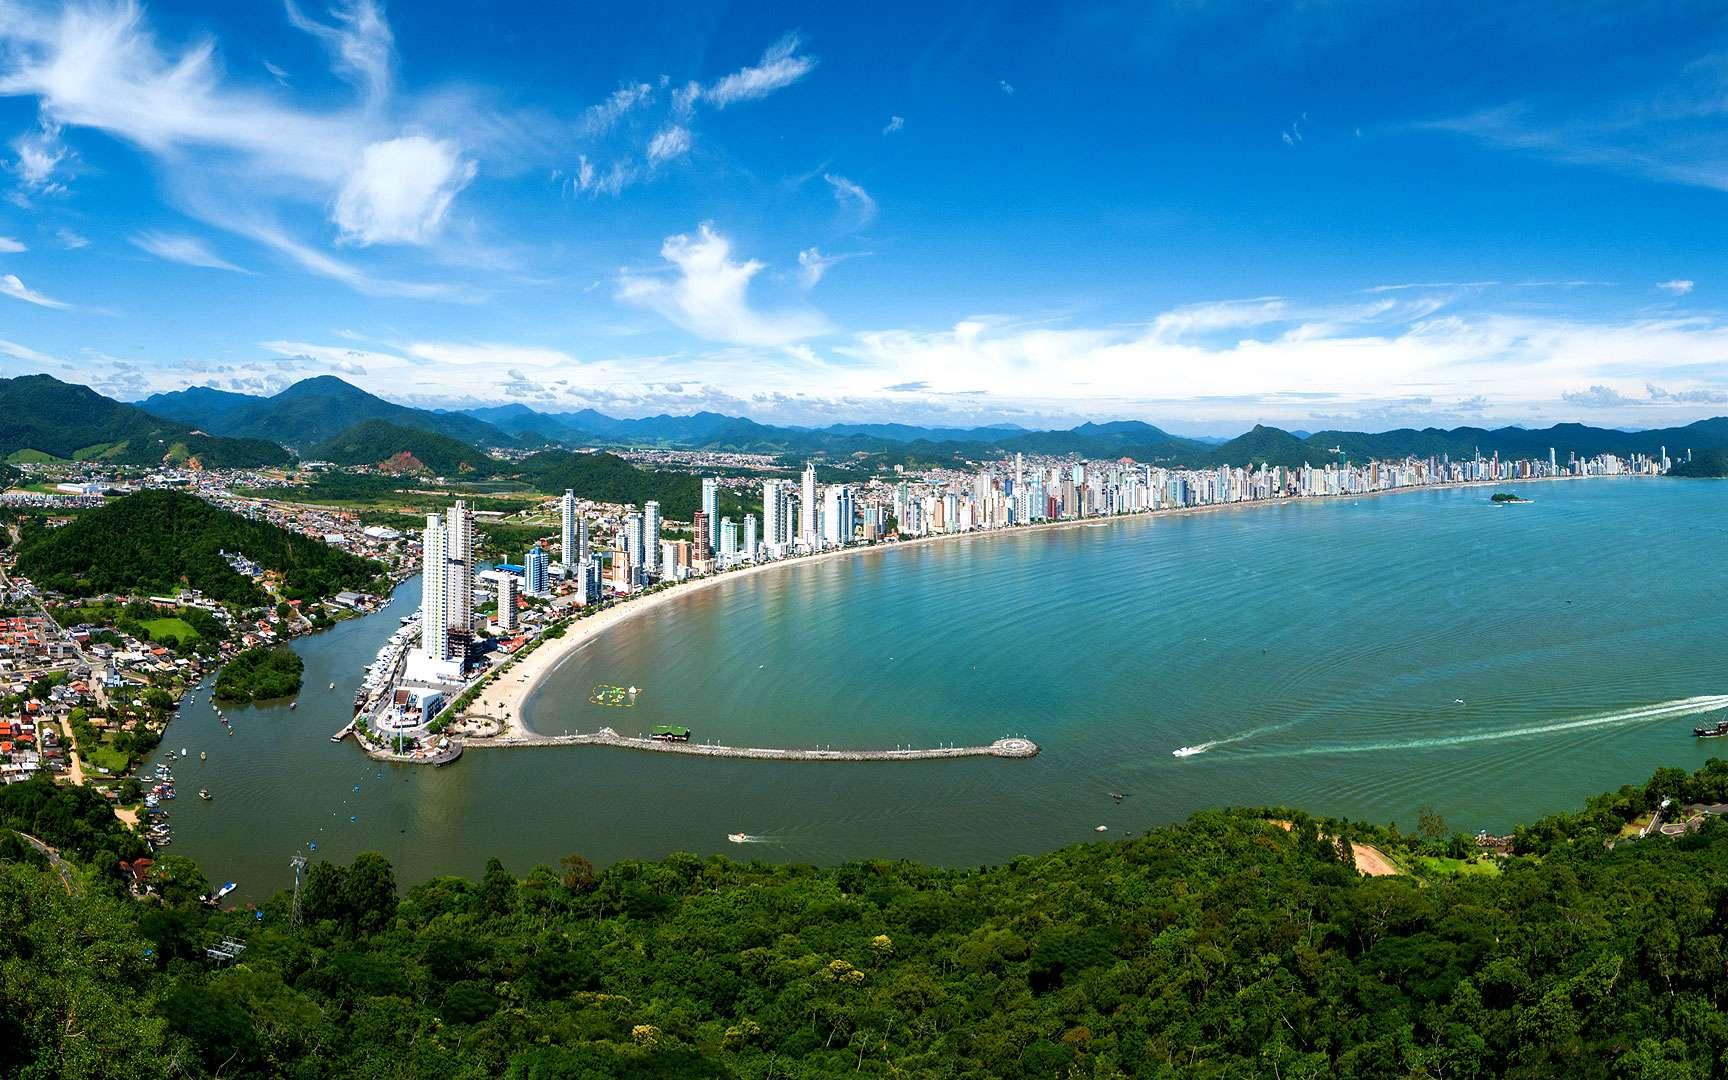 Panorama du littoral de Balneário Camboriú. Balneário Camboriú est une ville brésilienne du littoral de l'État de Santa Catarina. La cité possède une des plus grandes densités d'immeubles du Brésil. Peuplée de moins de 100.000 habitants en 2007, la municipalité abrite environ un million de personnes durant la haute saison. © David Kirsch, Flickr, cc by nc nd 2.0